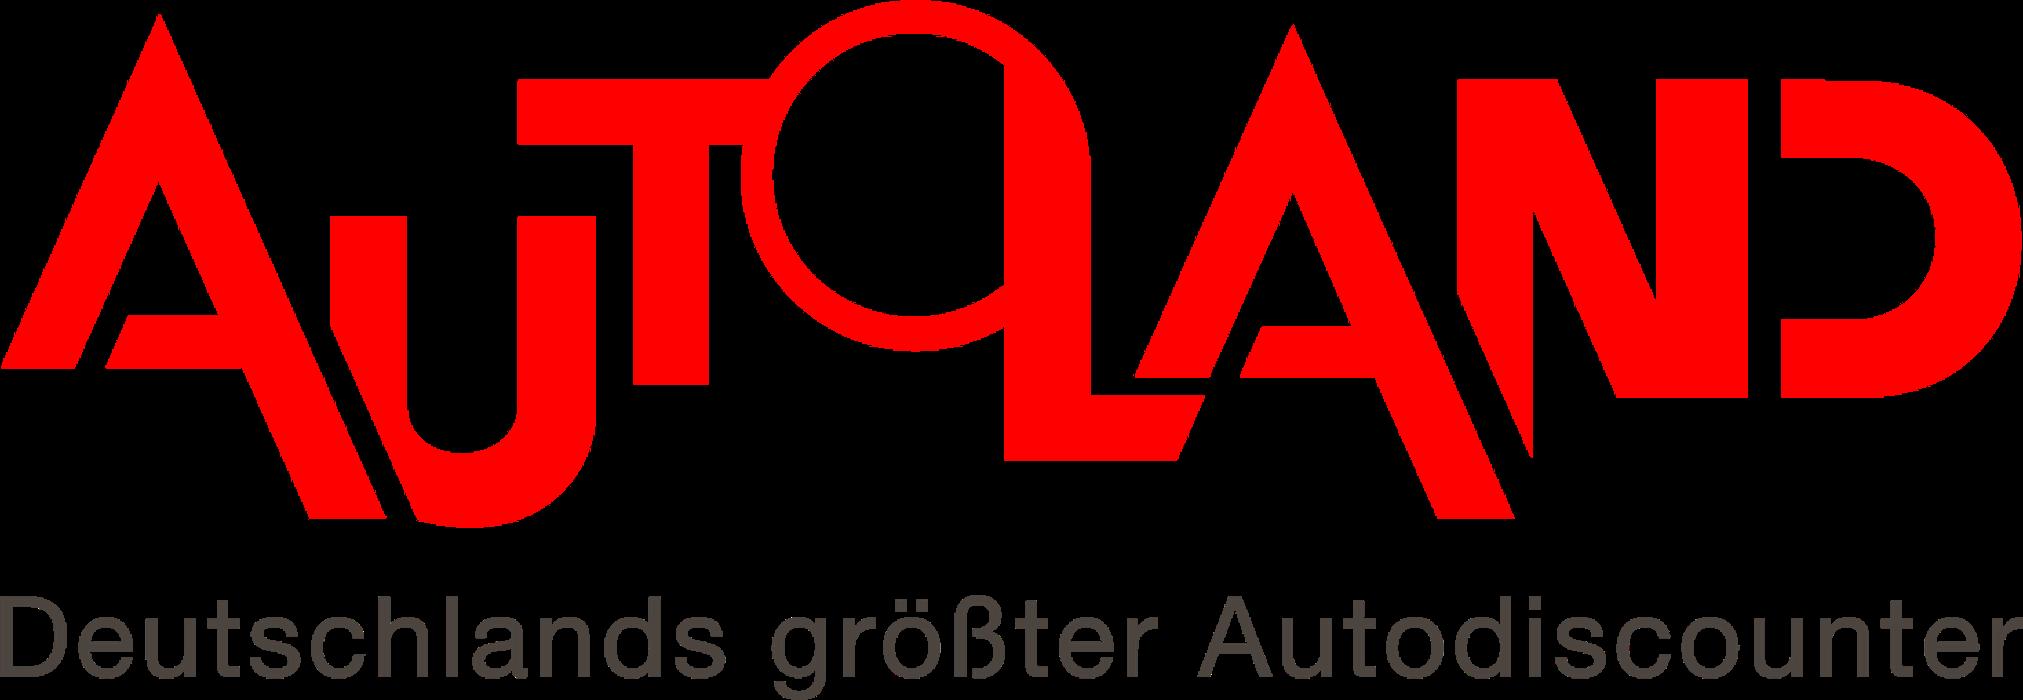 Bild zu Autoland AG Niederlassung Rostock in Rostock